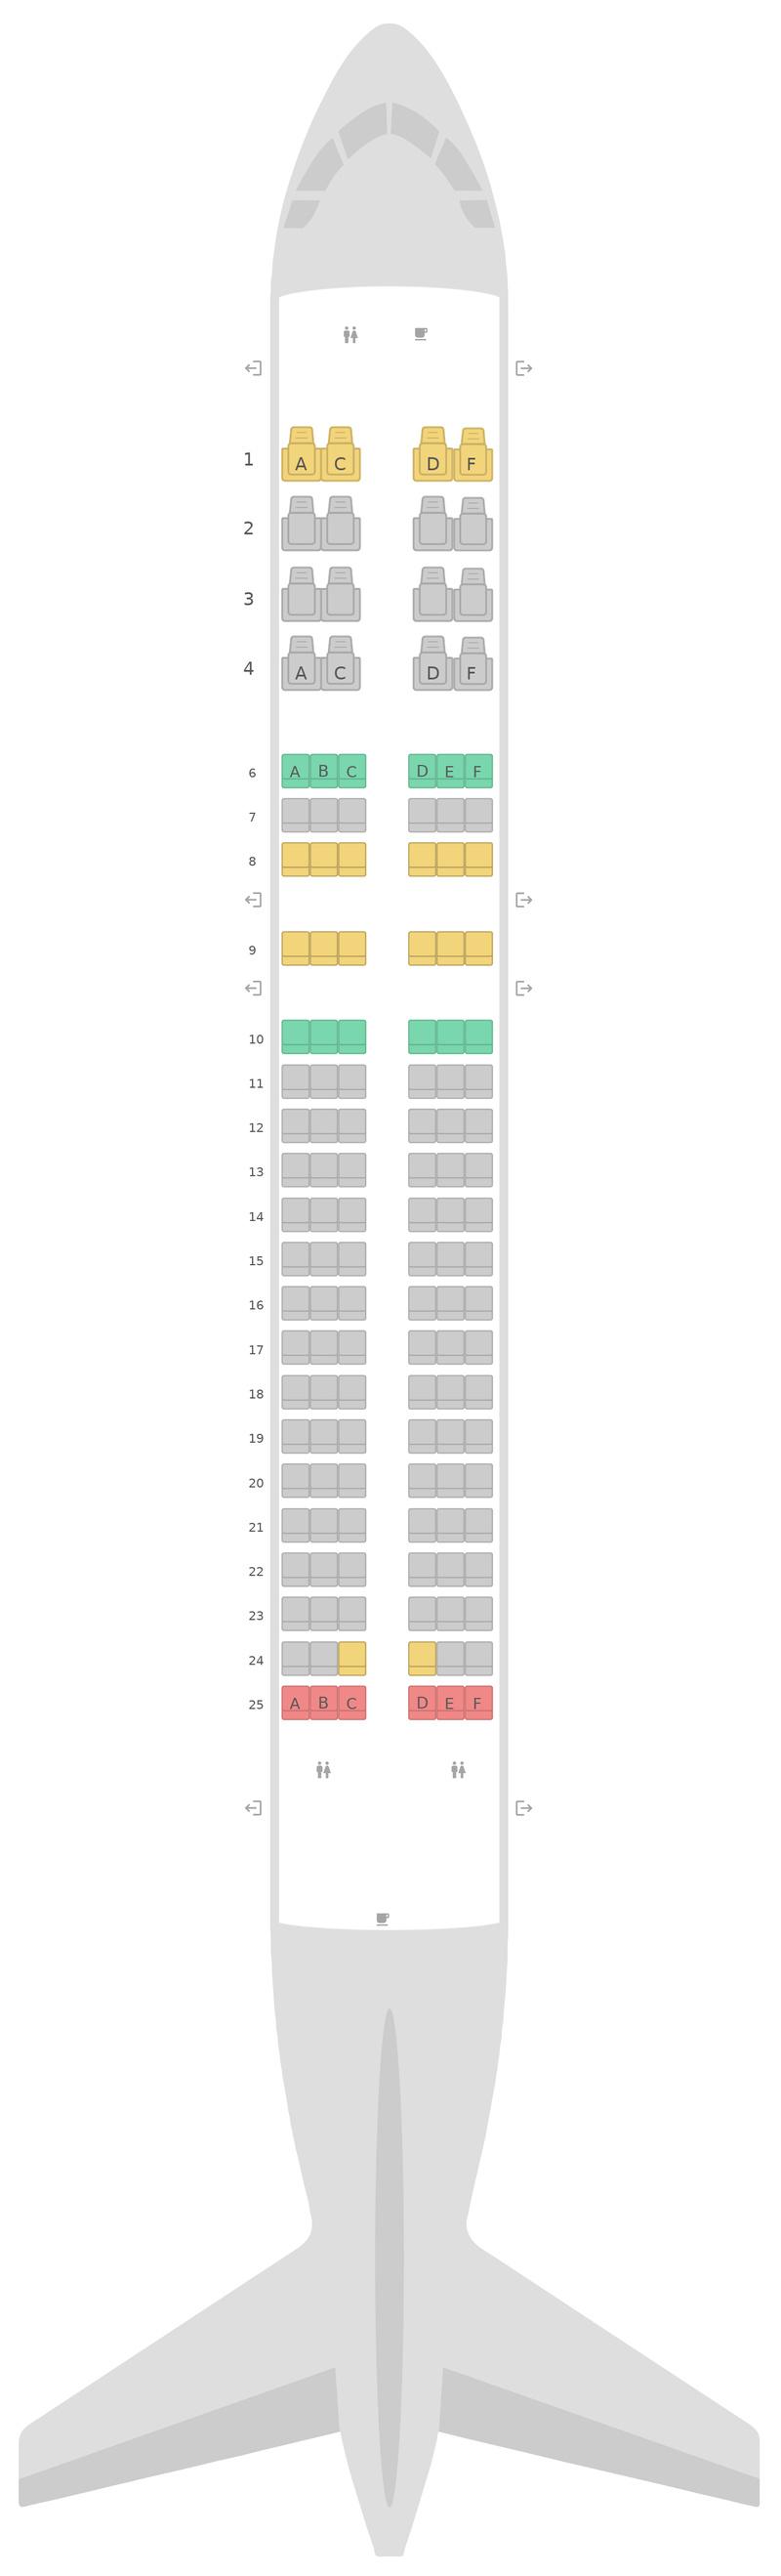 Seat Map Airbus A320 v2 Etihad Airways